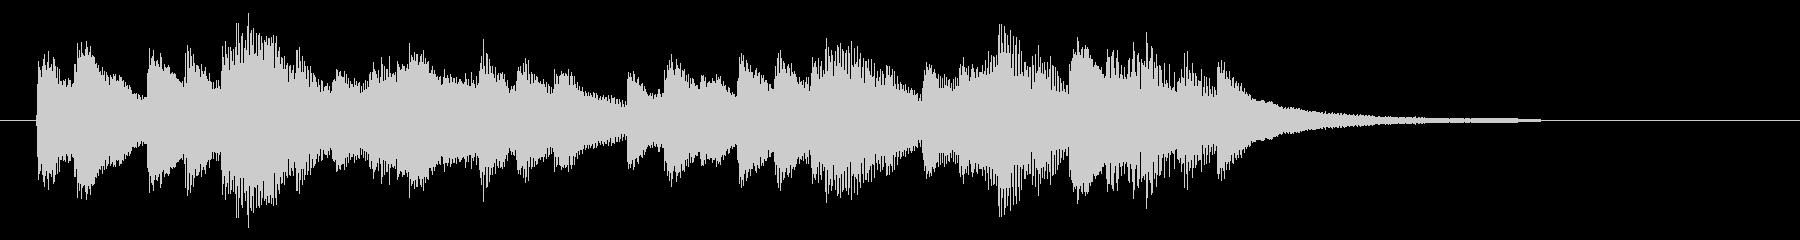 明るく爽快感のあるピアノジングル 9秒の未再生の波形